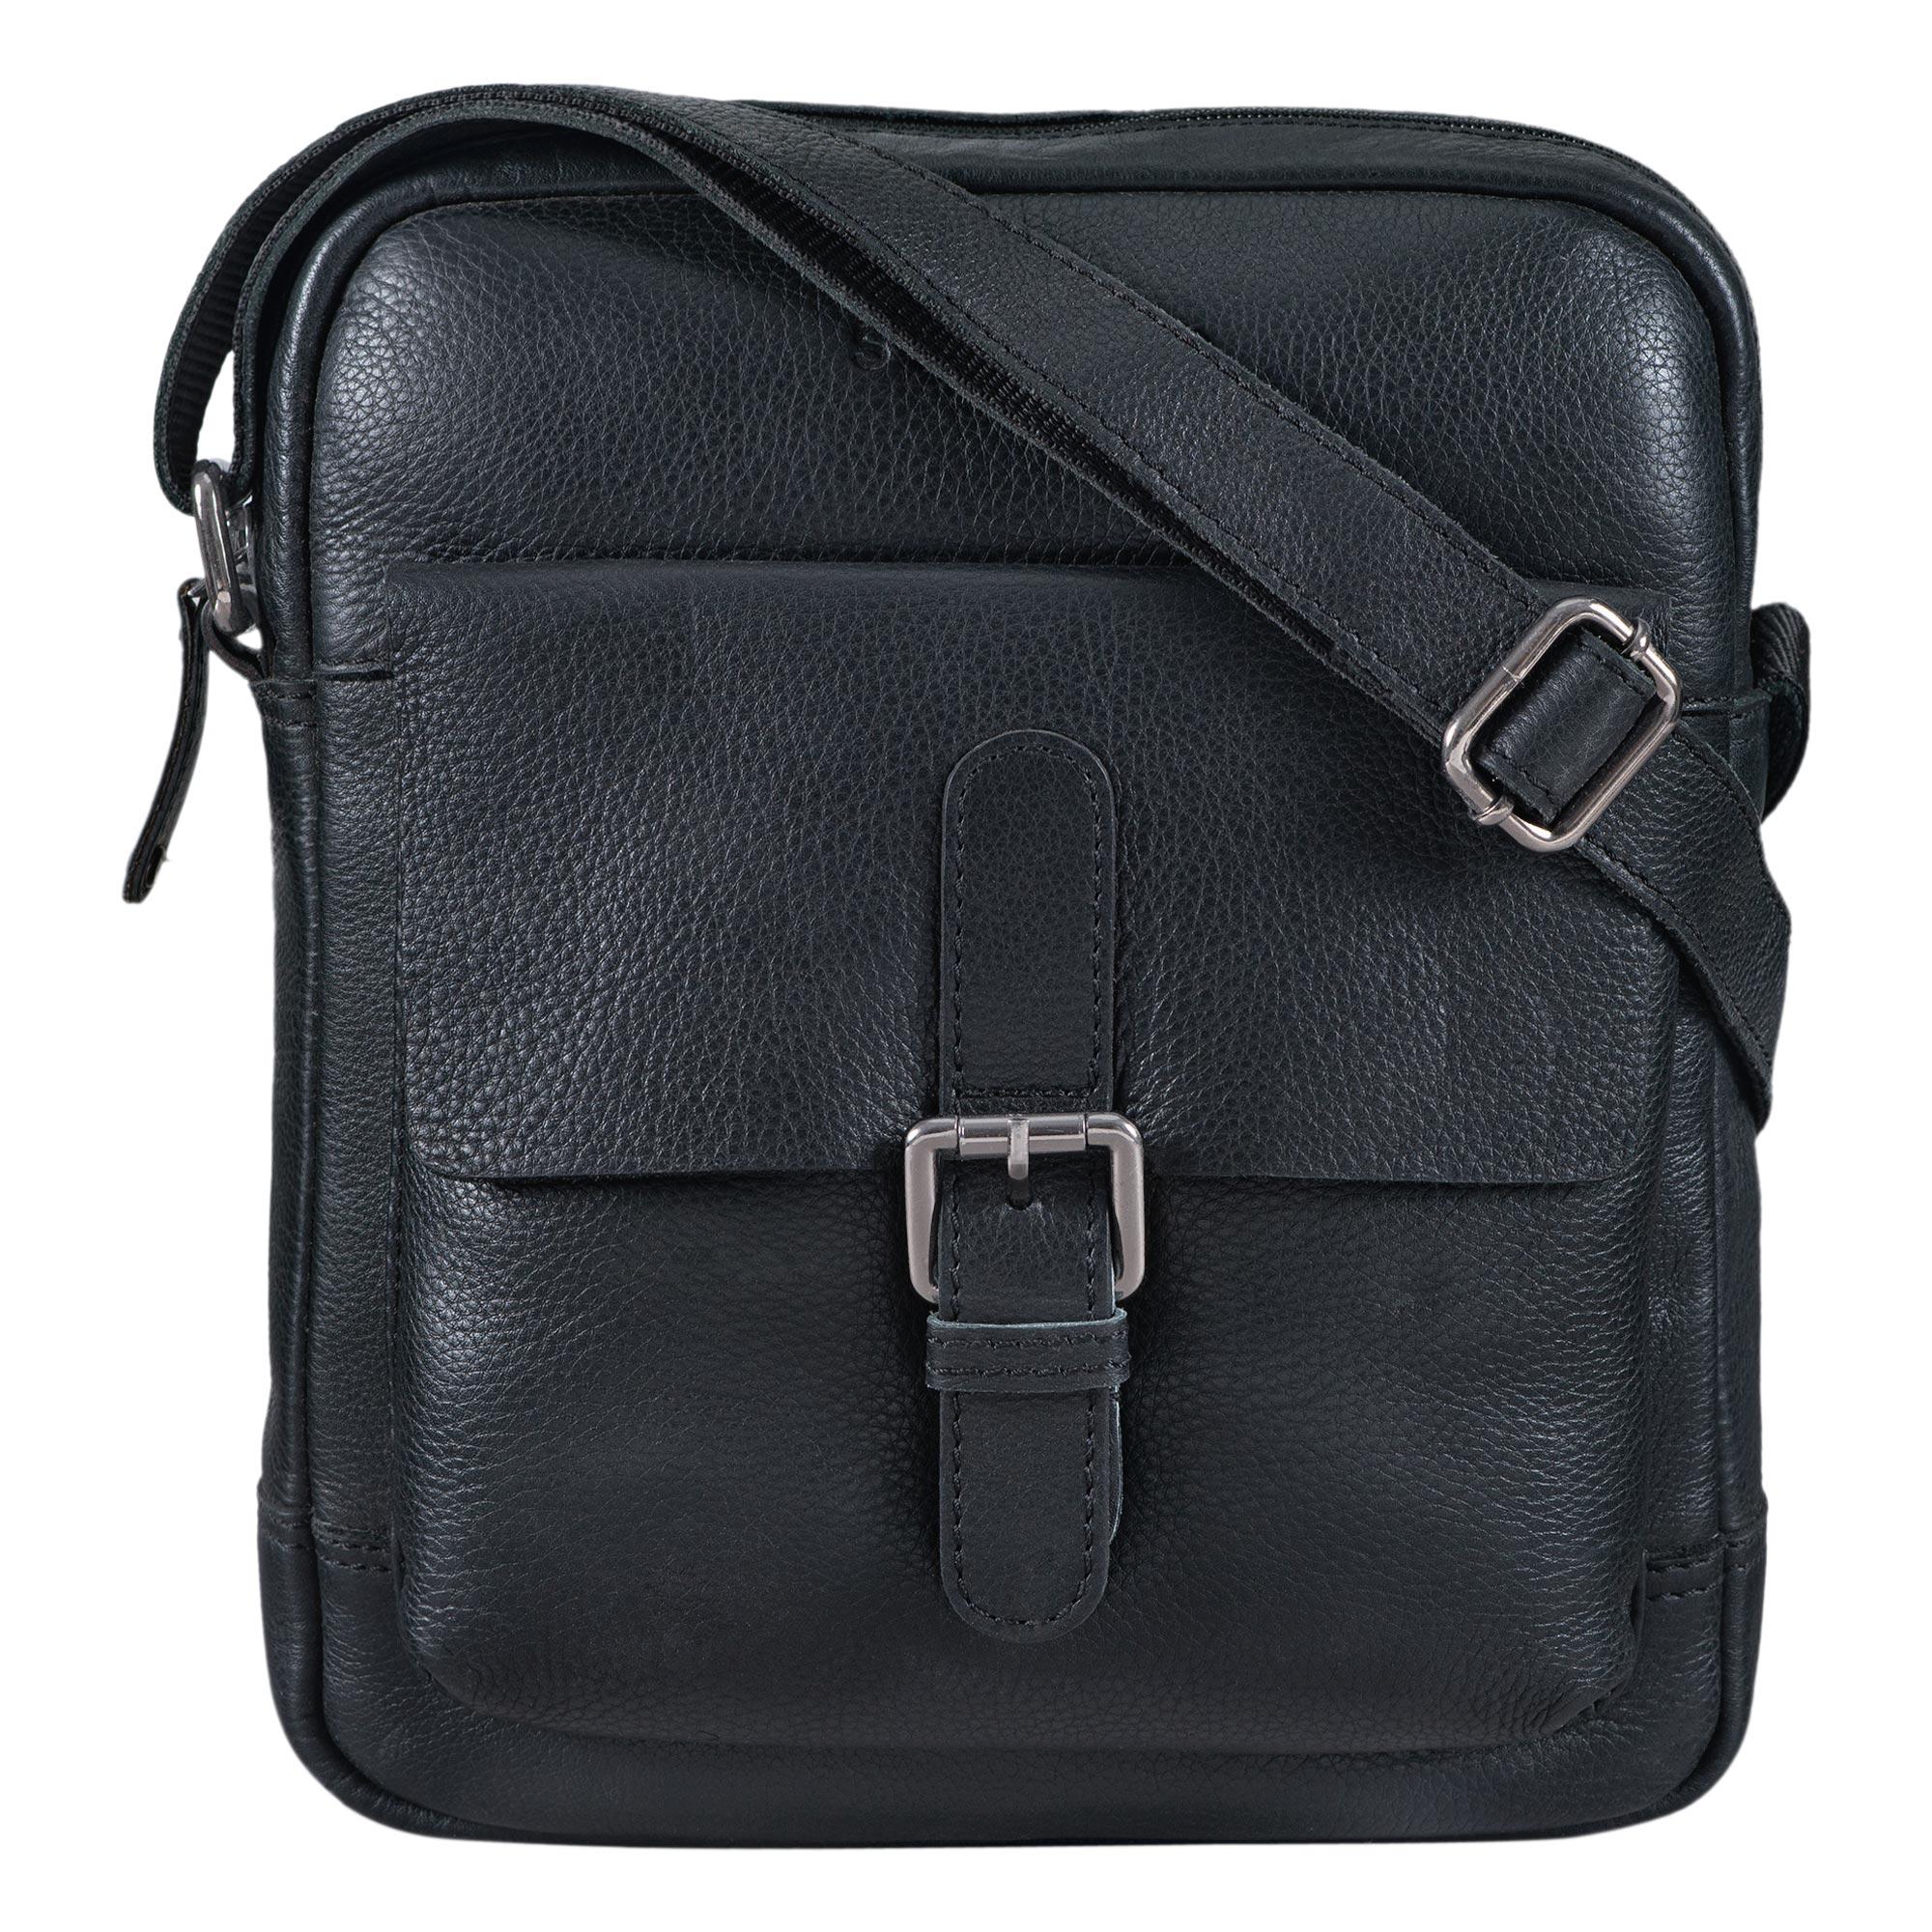 """STILORD """"Luan"""" Kleine Umhängetasche Leder Vintage für Männer und Frauen Messenger Bag mit 10.1 Zoll Tabletfach Cross Body Bag für DIN A5 aus echtem Leder - Bild 12"""